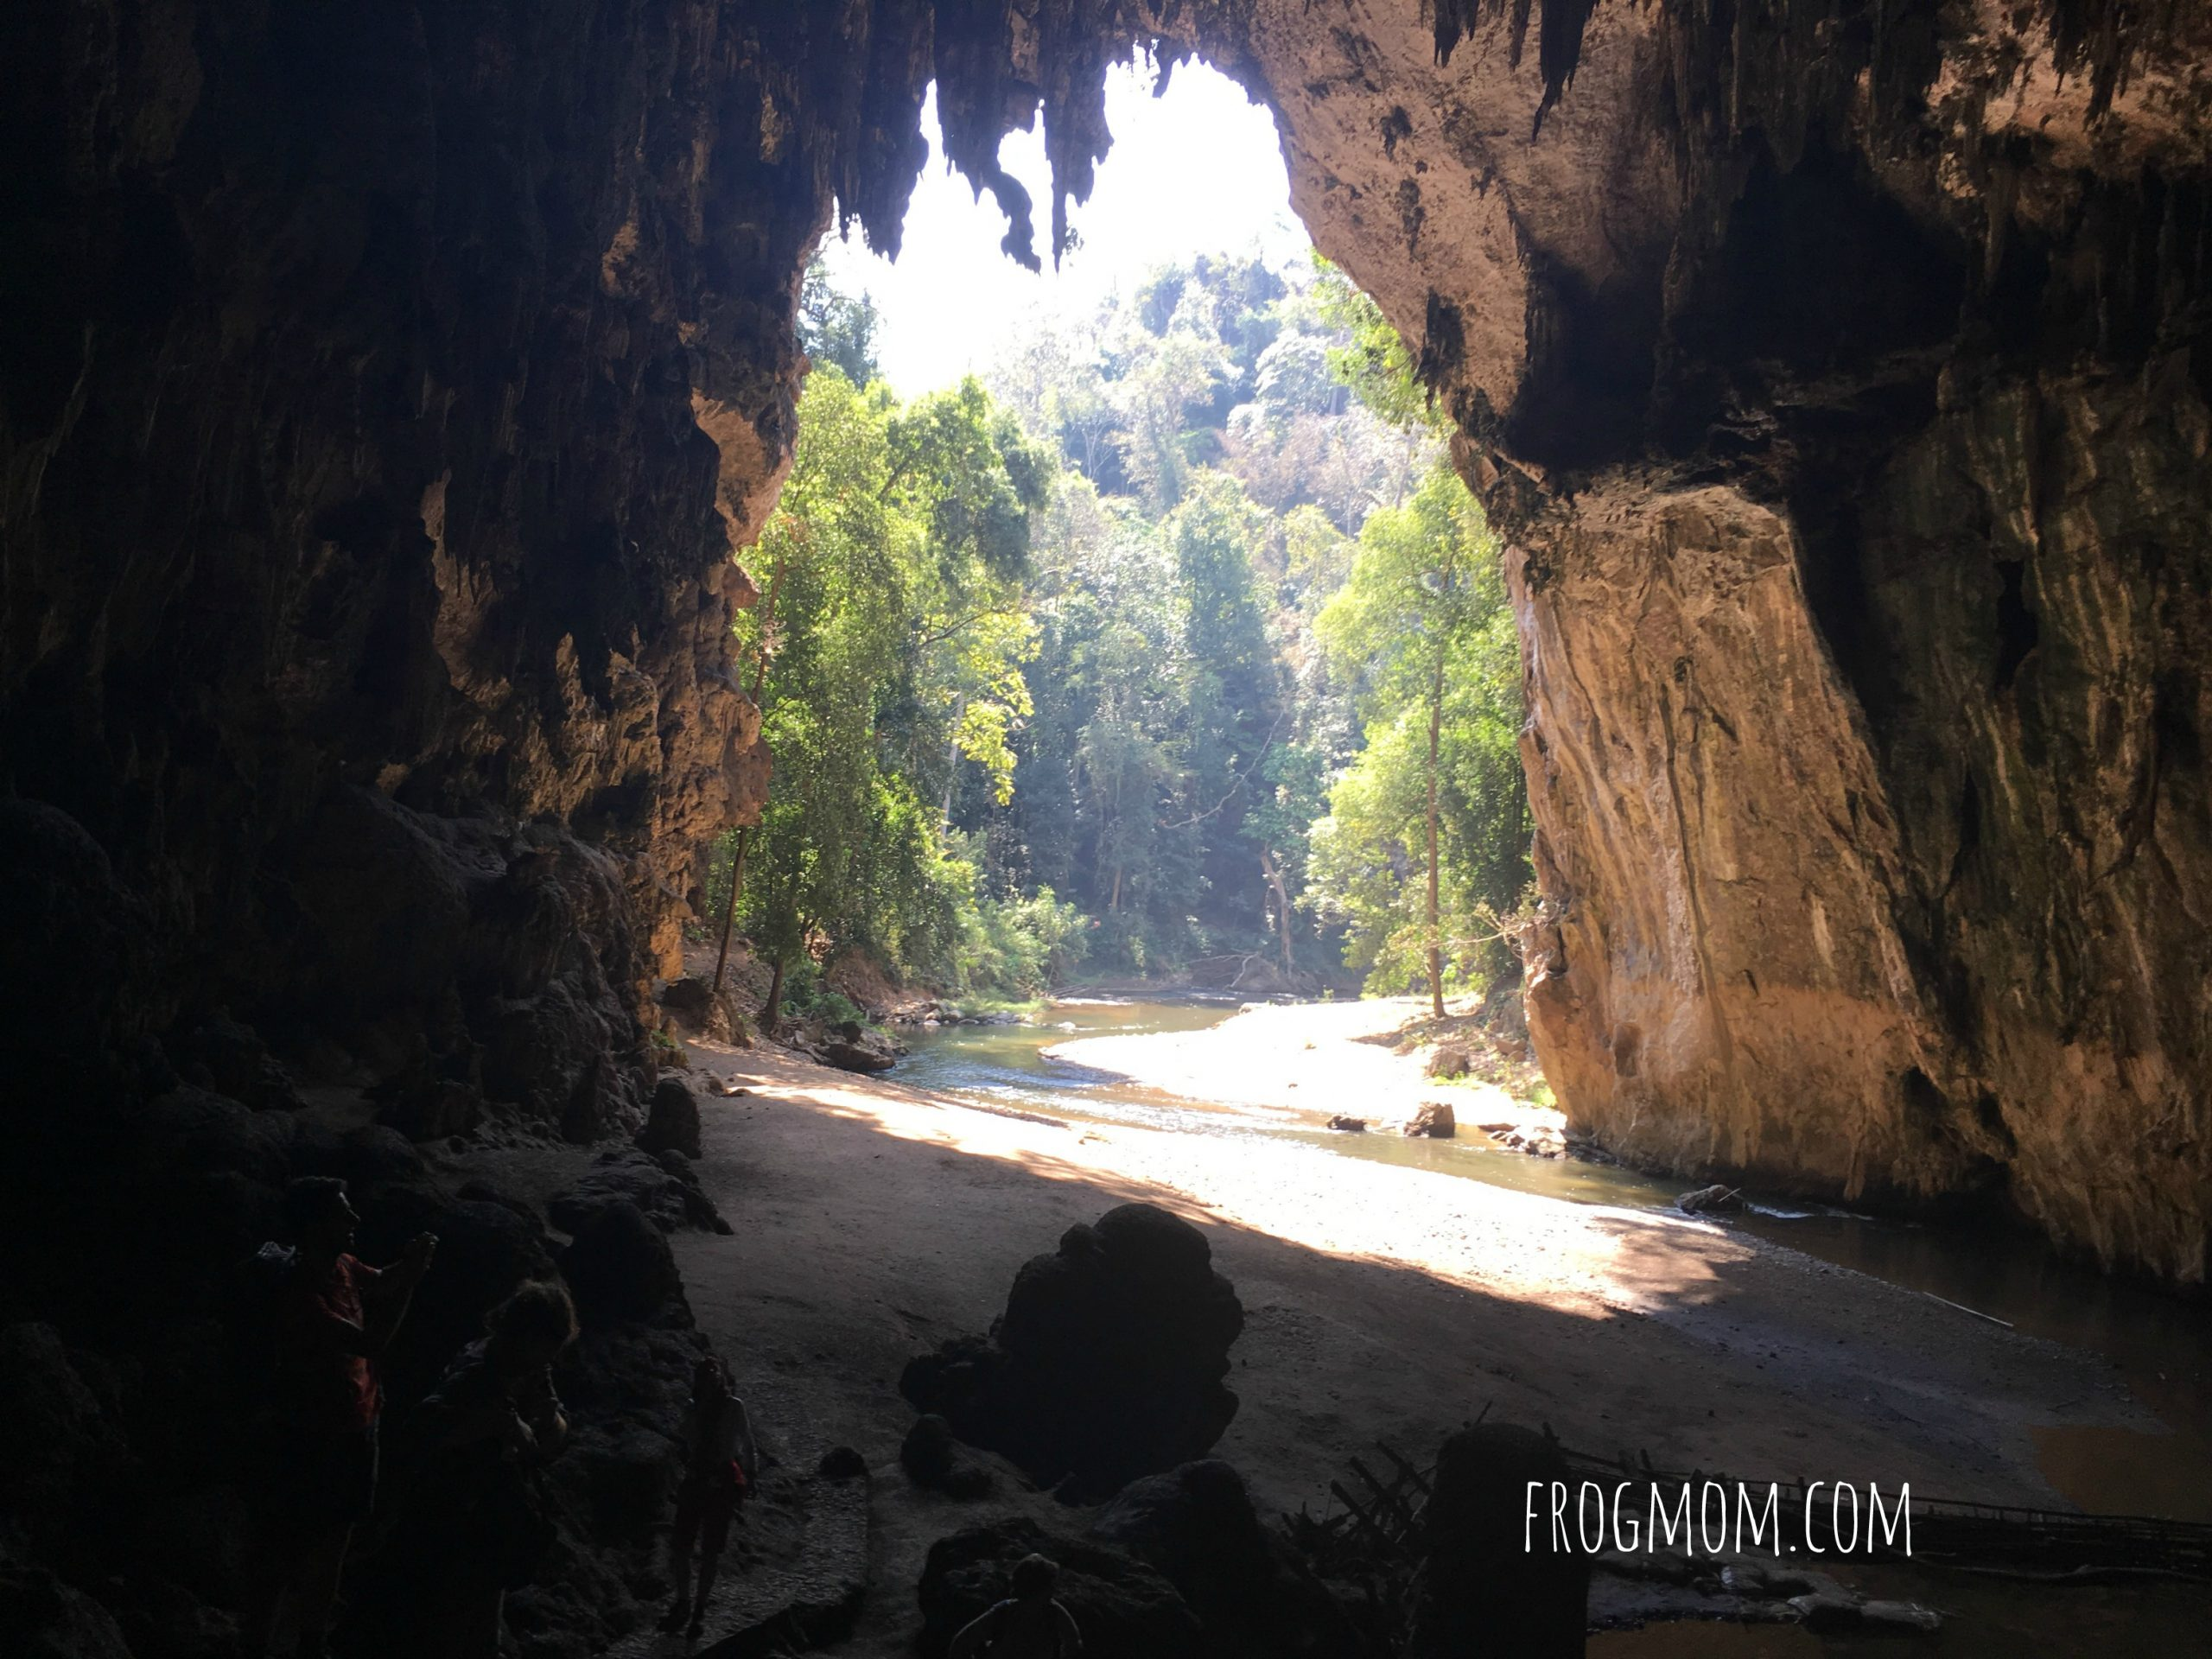 Tham Nam Lod